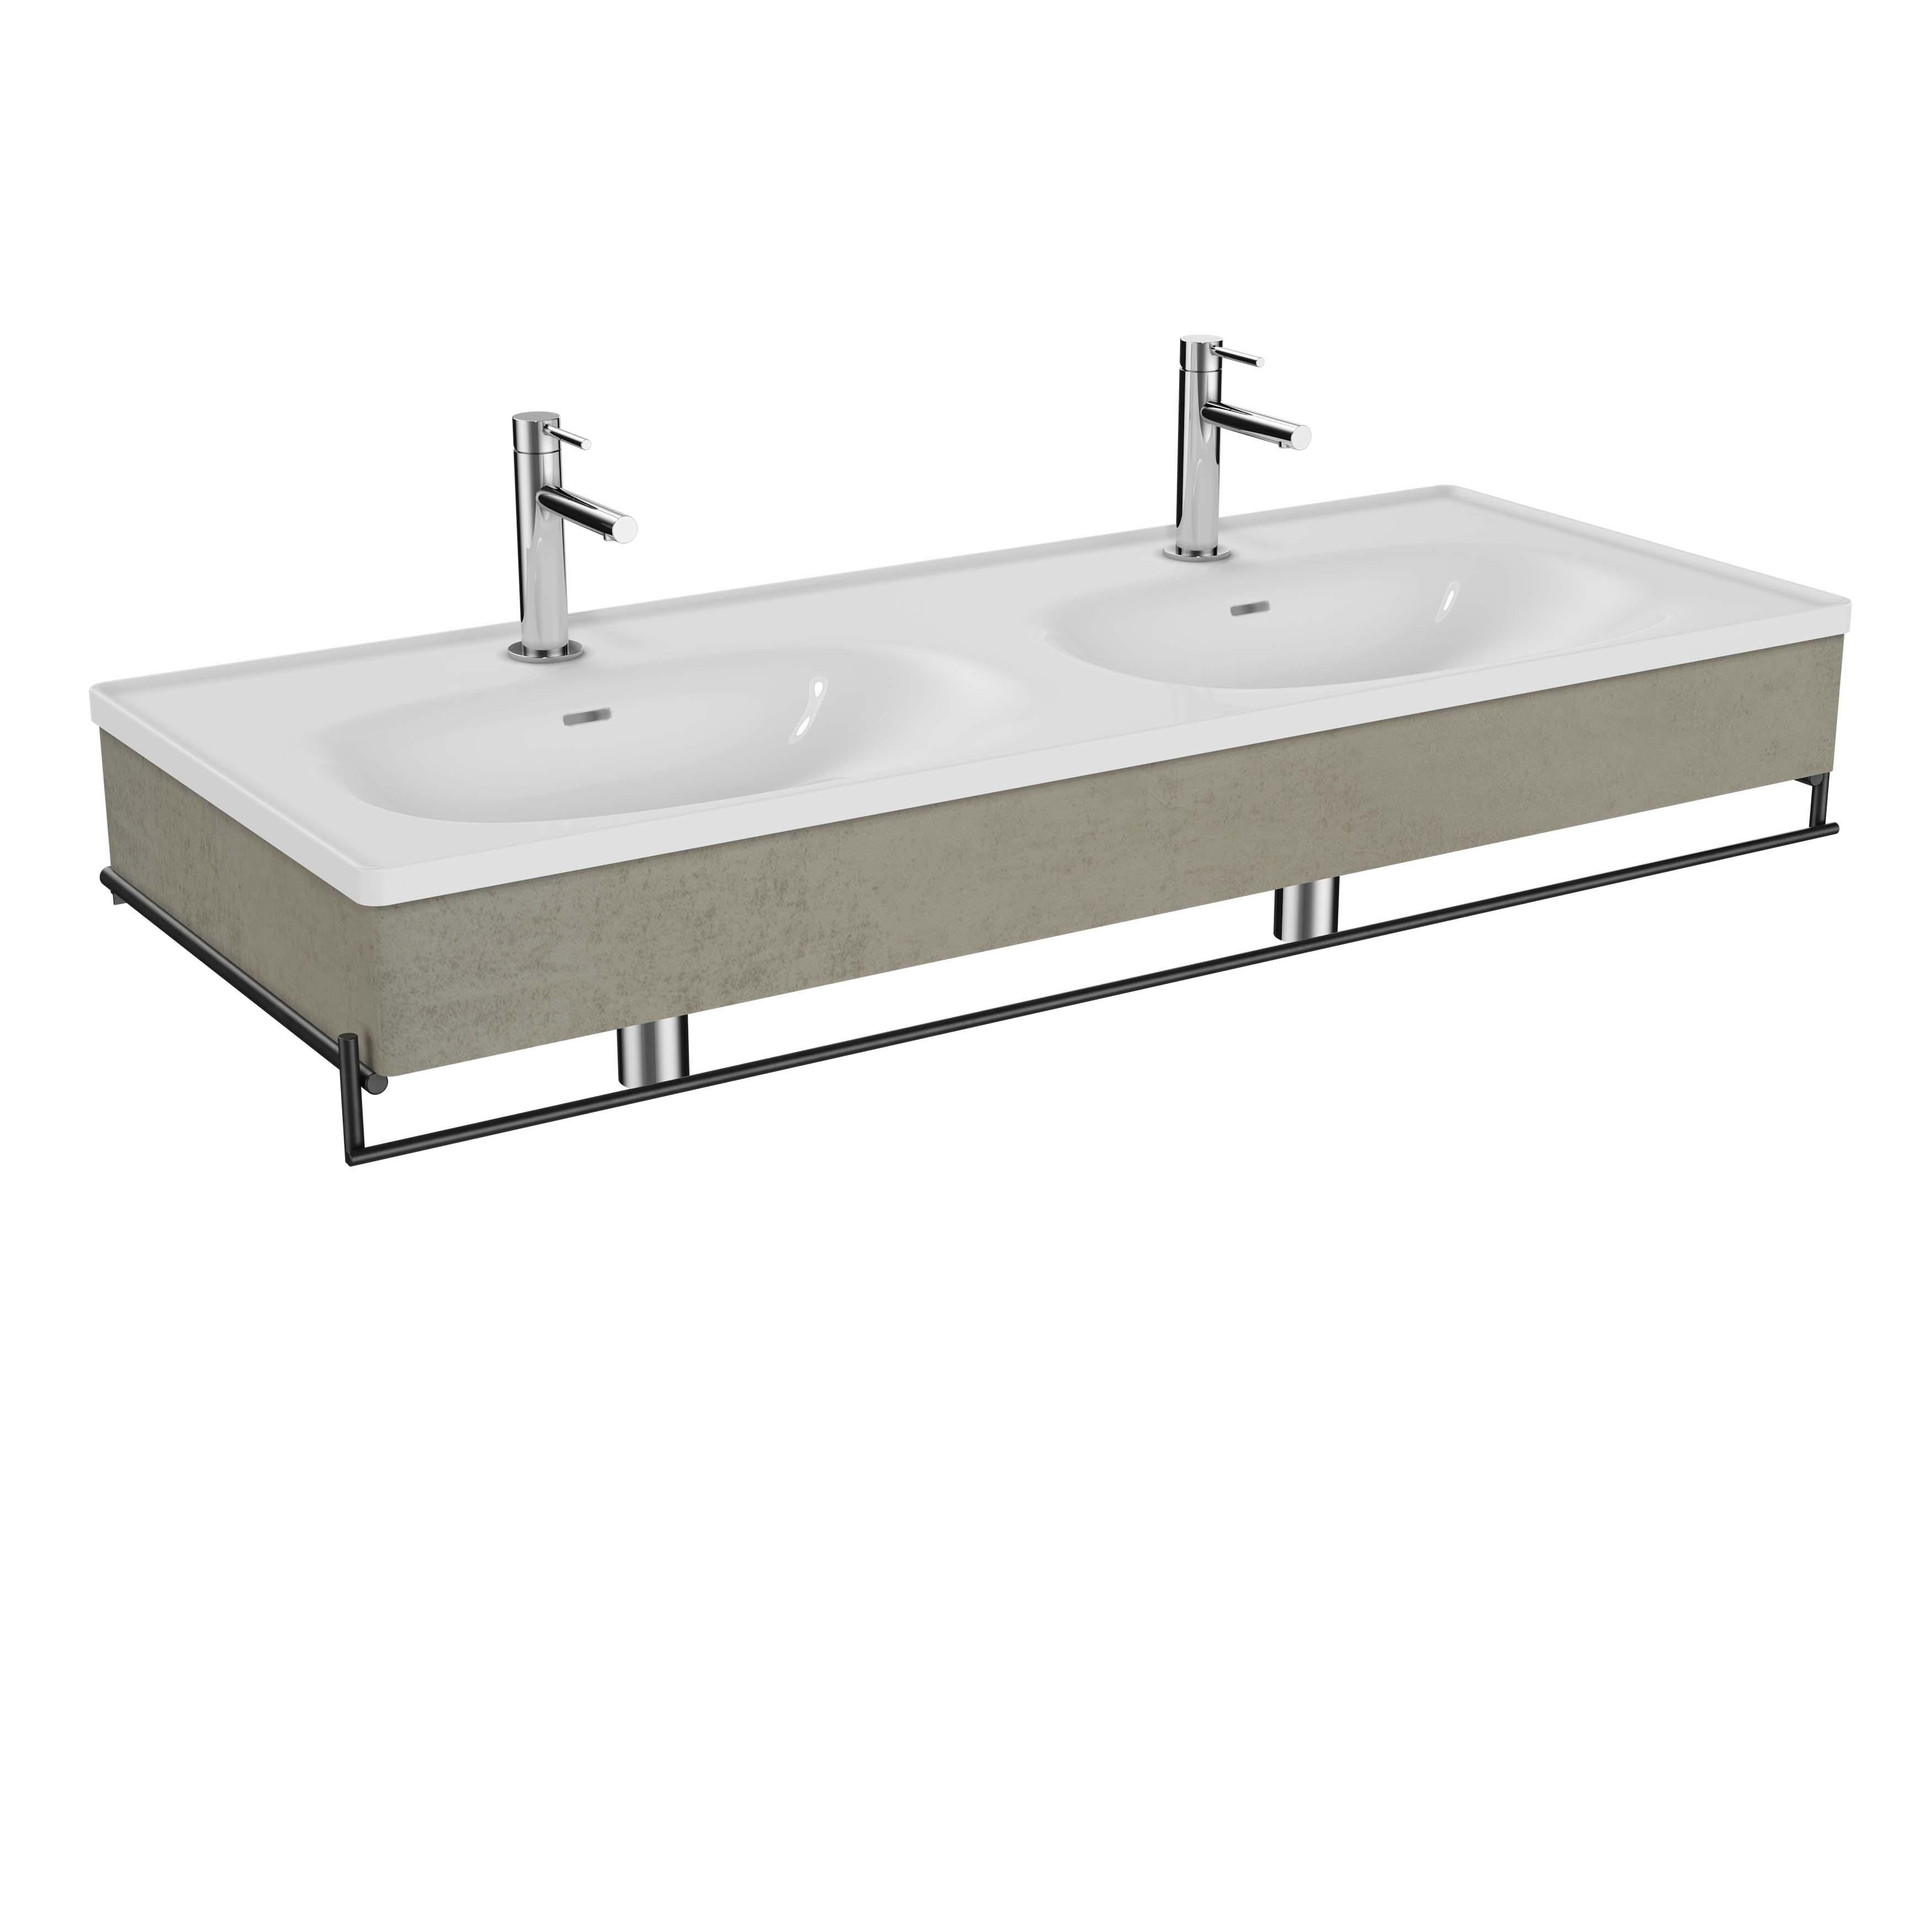 Equal plan céramique, lavabo double, panneau en bois, porte-serviette,130 cm, chêne noir structure